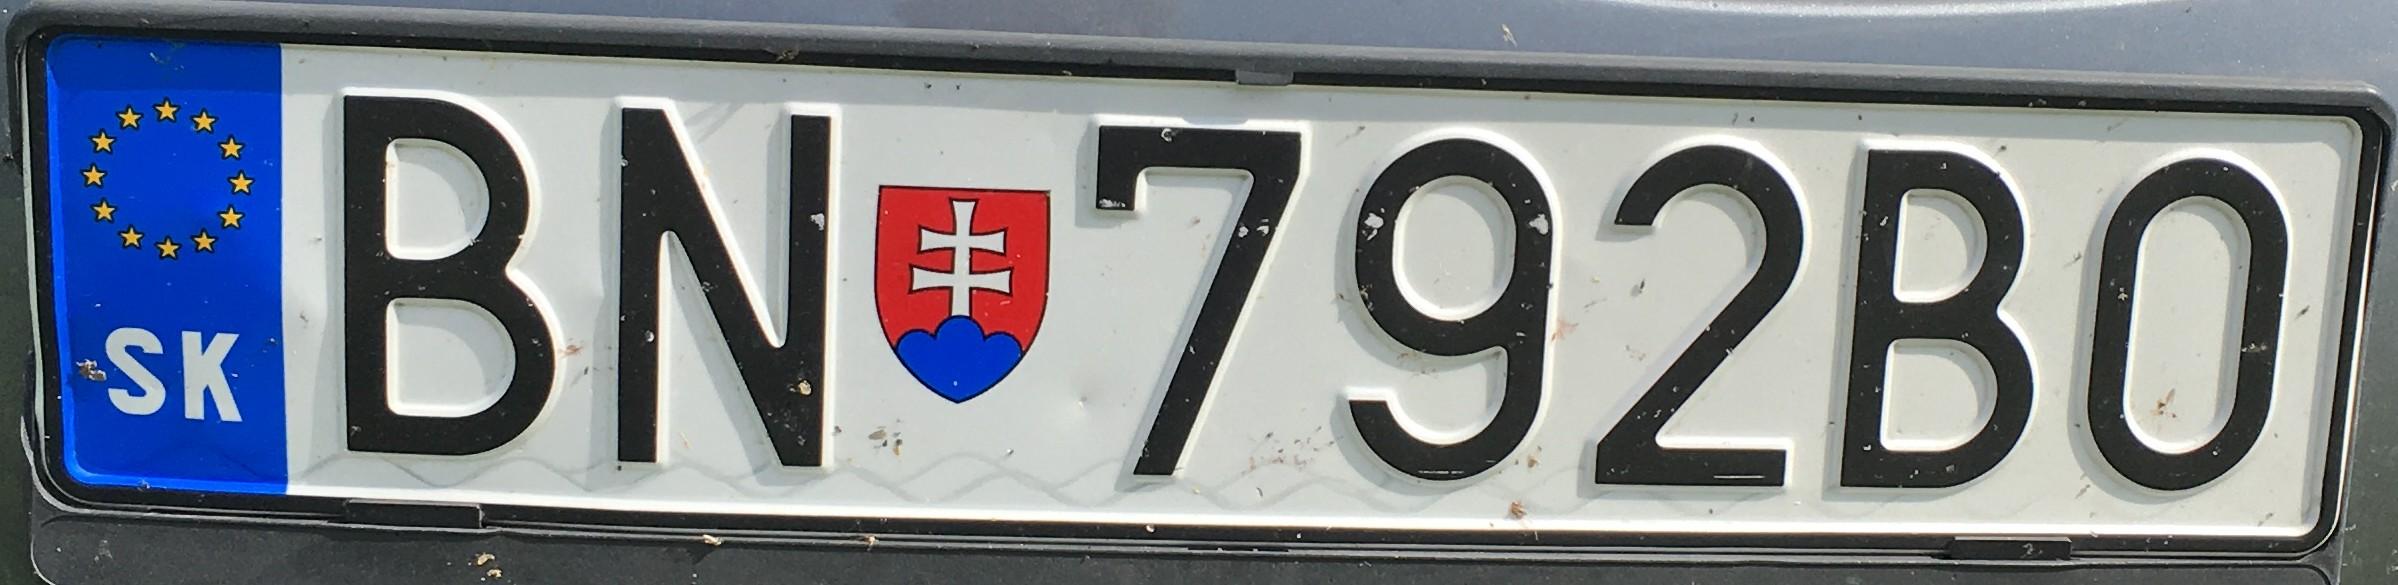 Registrační značka: BN - Bánovce nad Bebravou, foto: vlastní